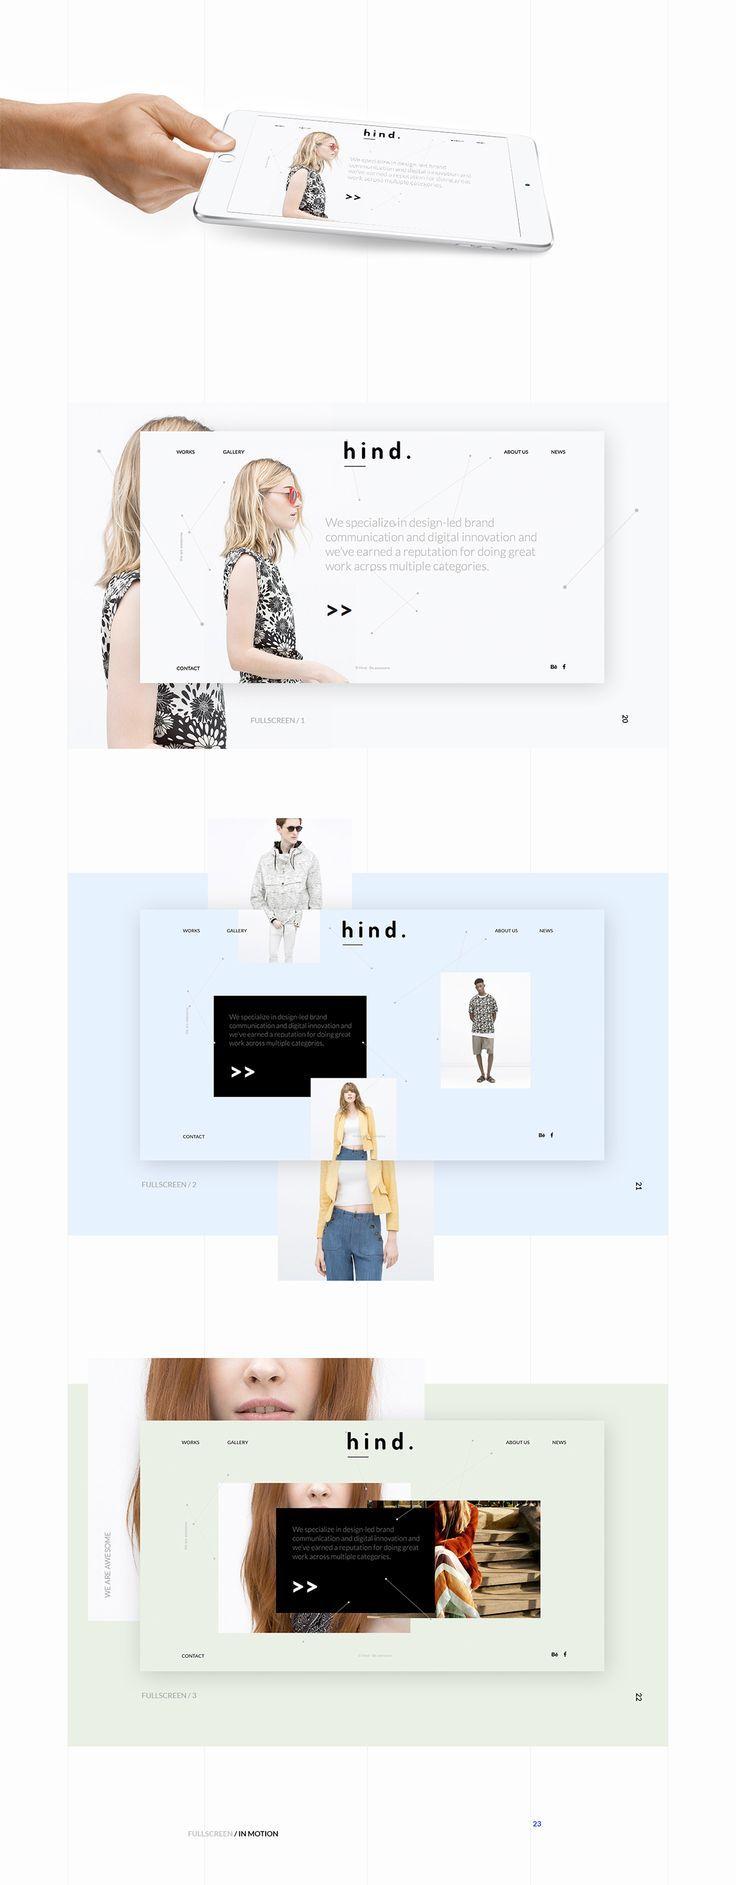 Hind on Web Design Served